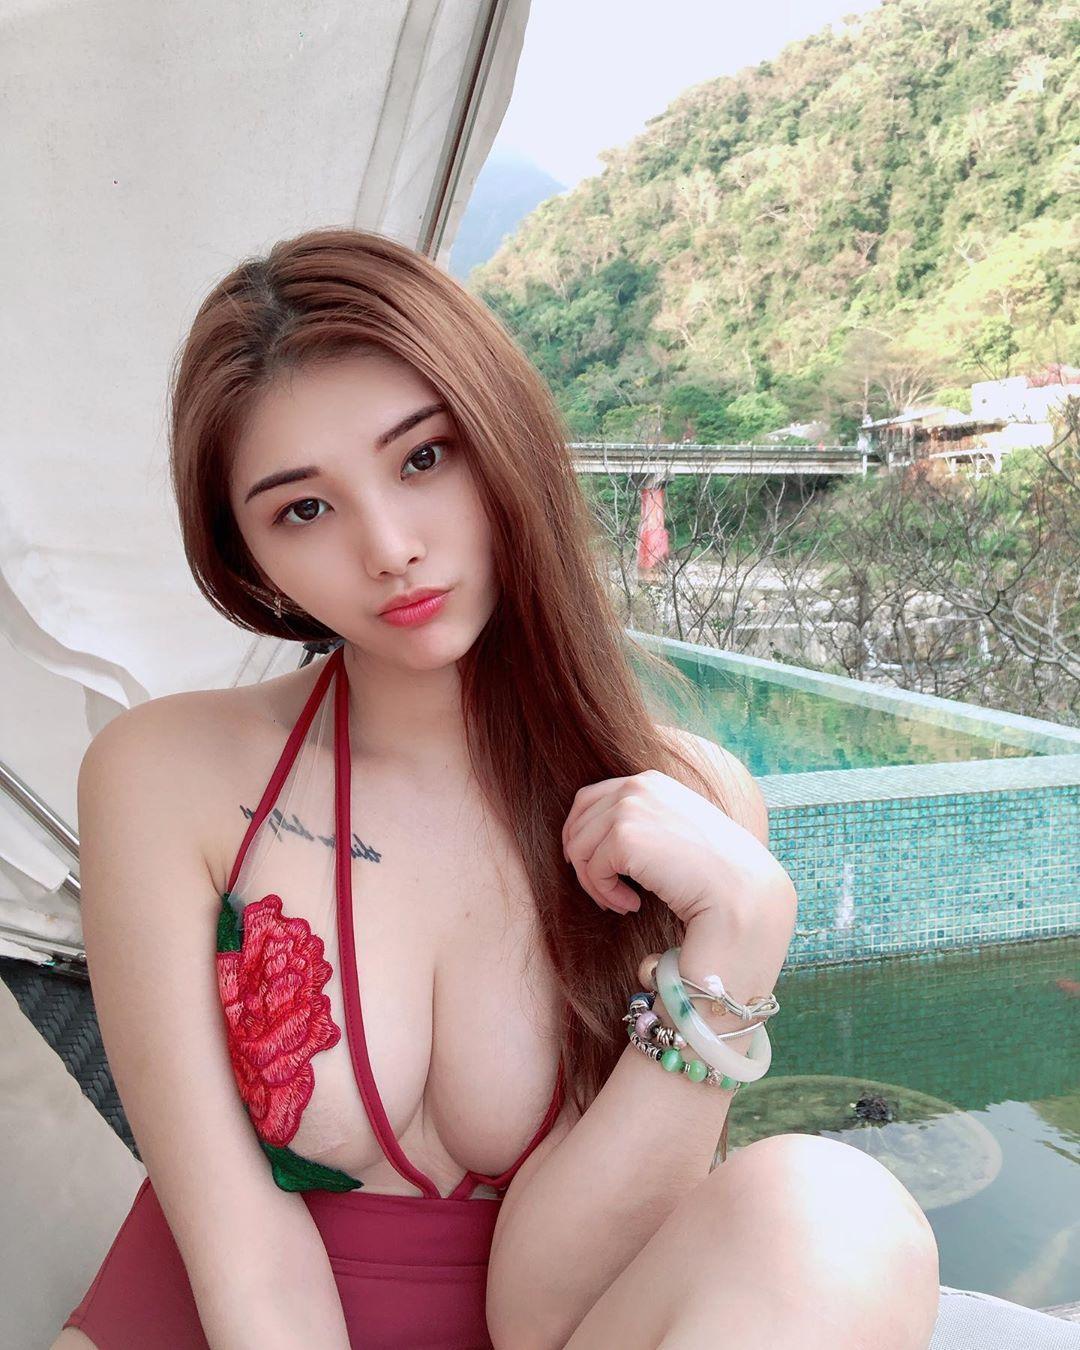 火辣模特妮莎Nisa销魂人字沟性感美体让人无法招架 养眼图片 第5张